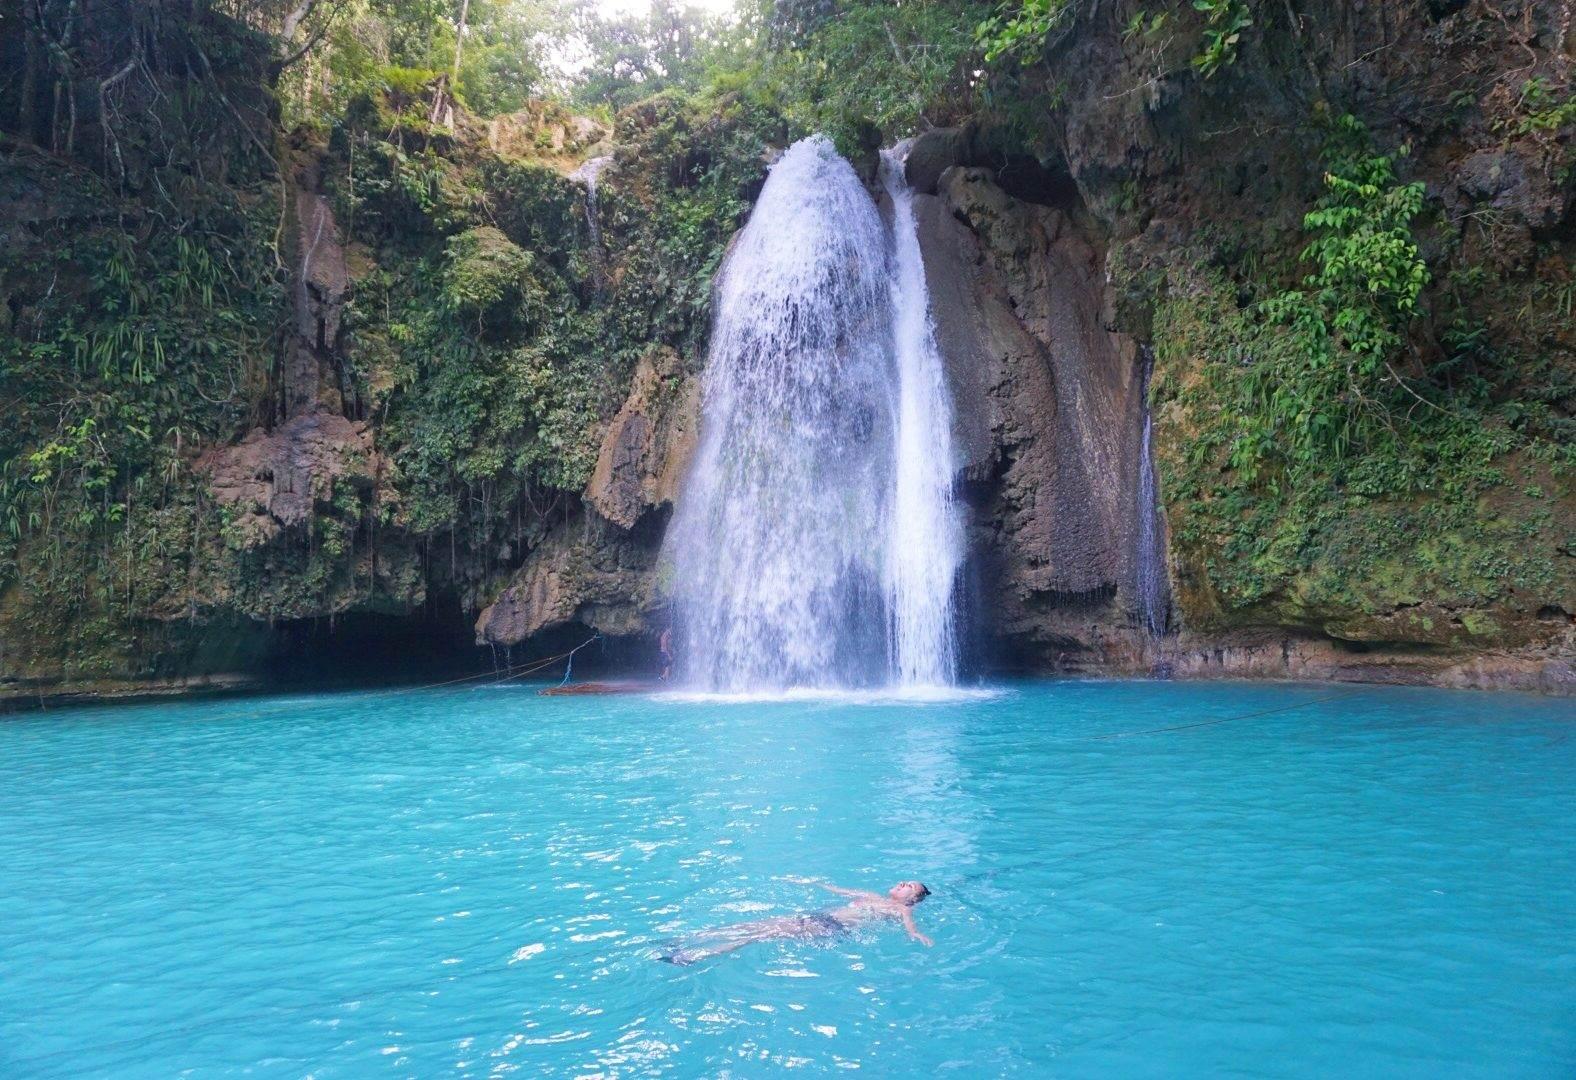 Kawasan Falls Cebu Philippines- CLIFF Jumping & Canyoneering